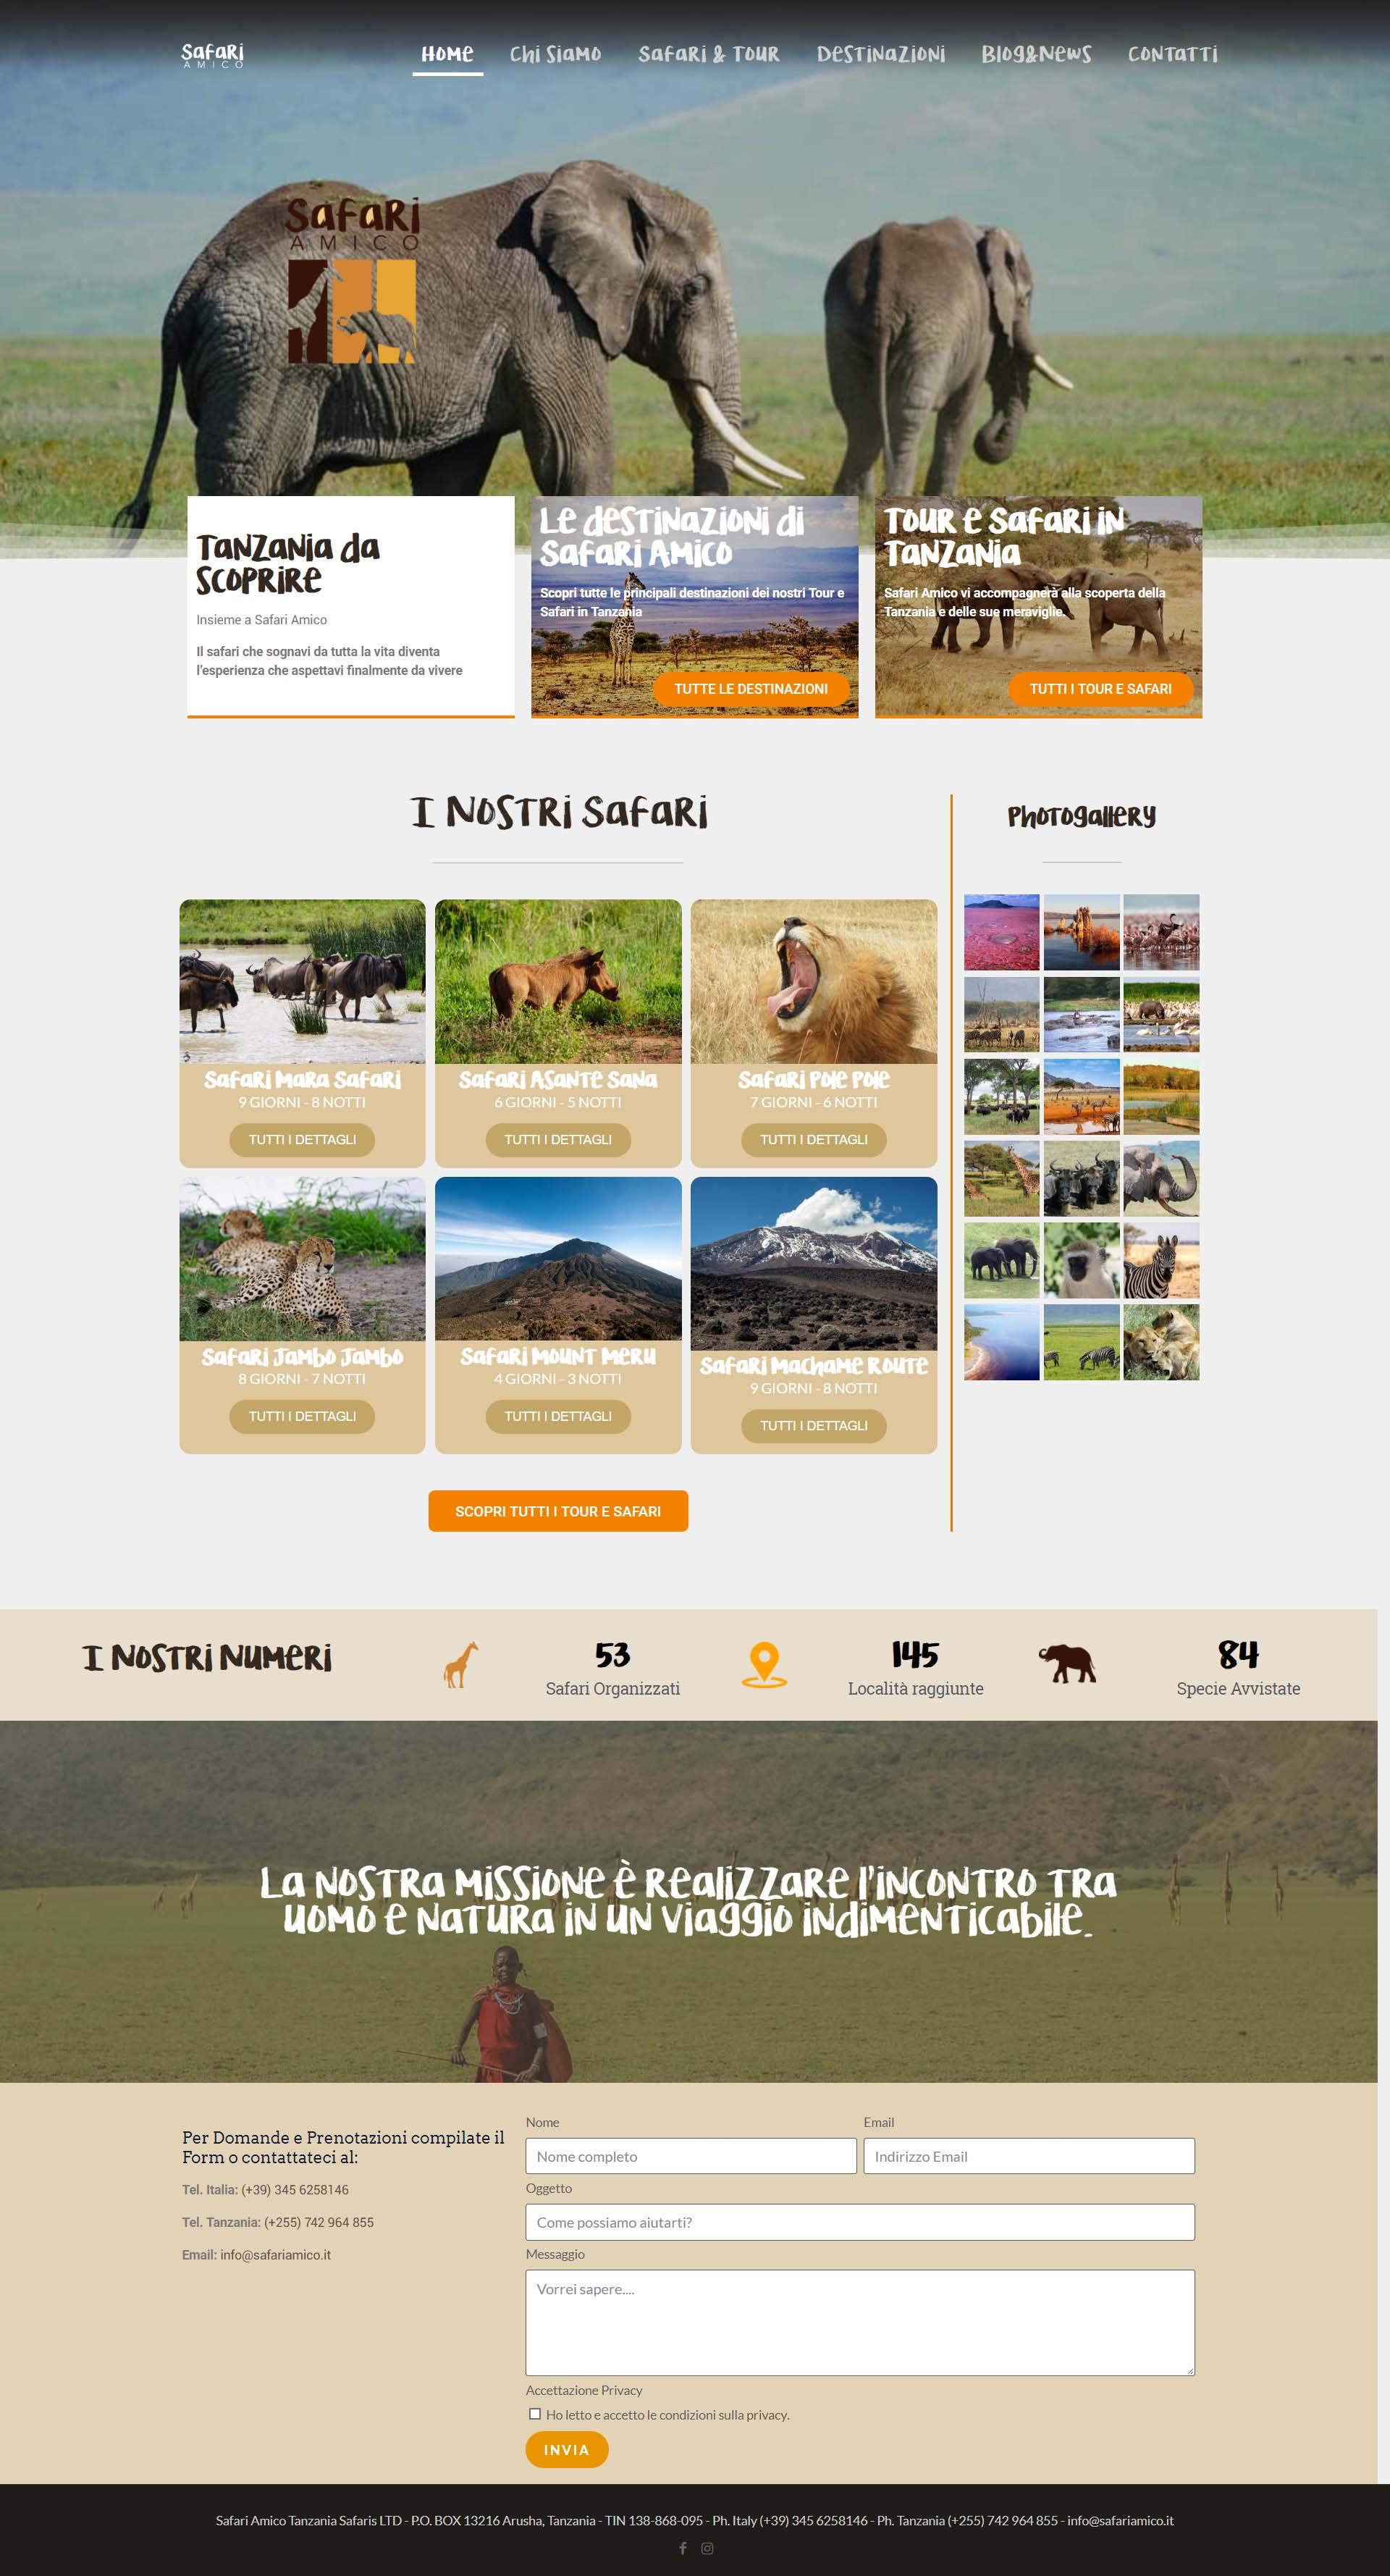 sito safari amico